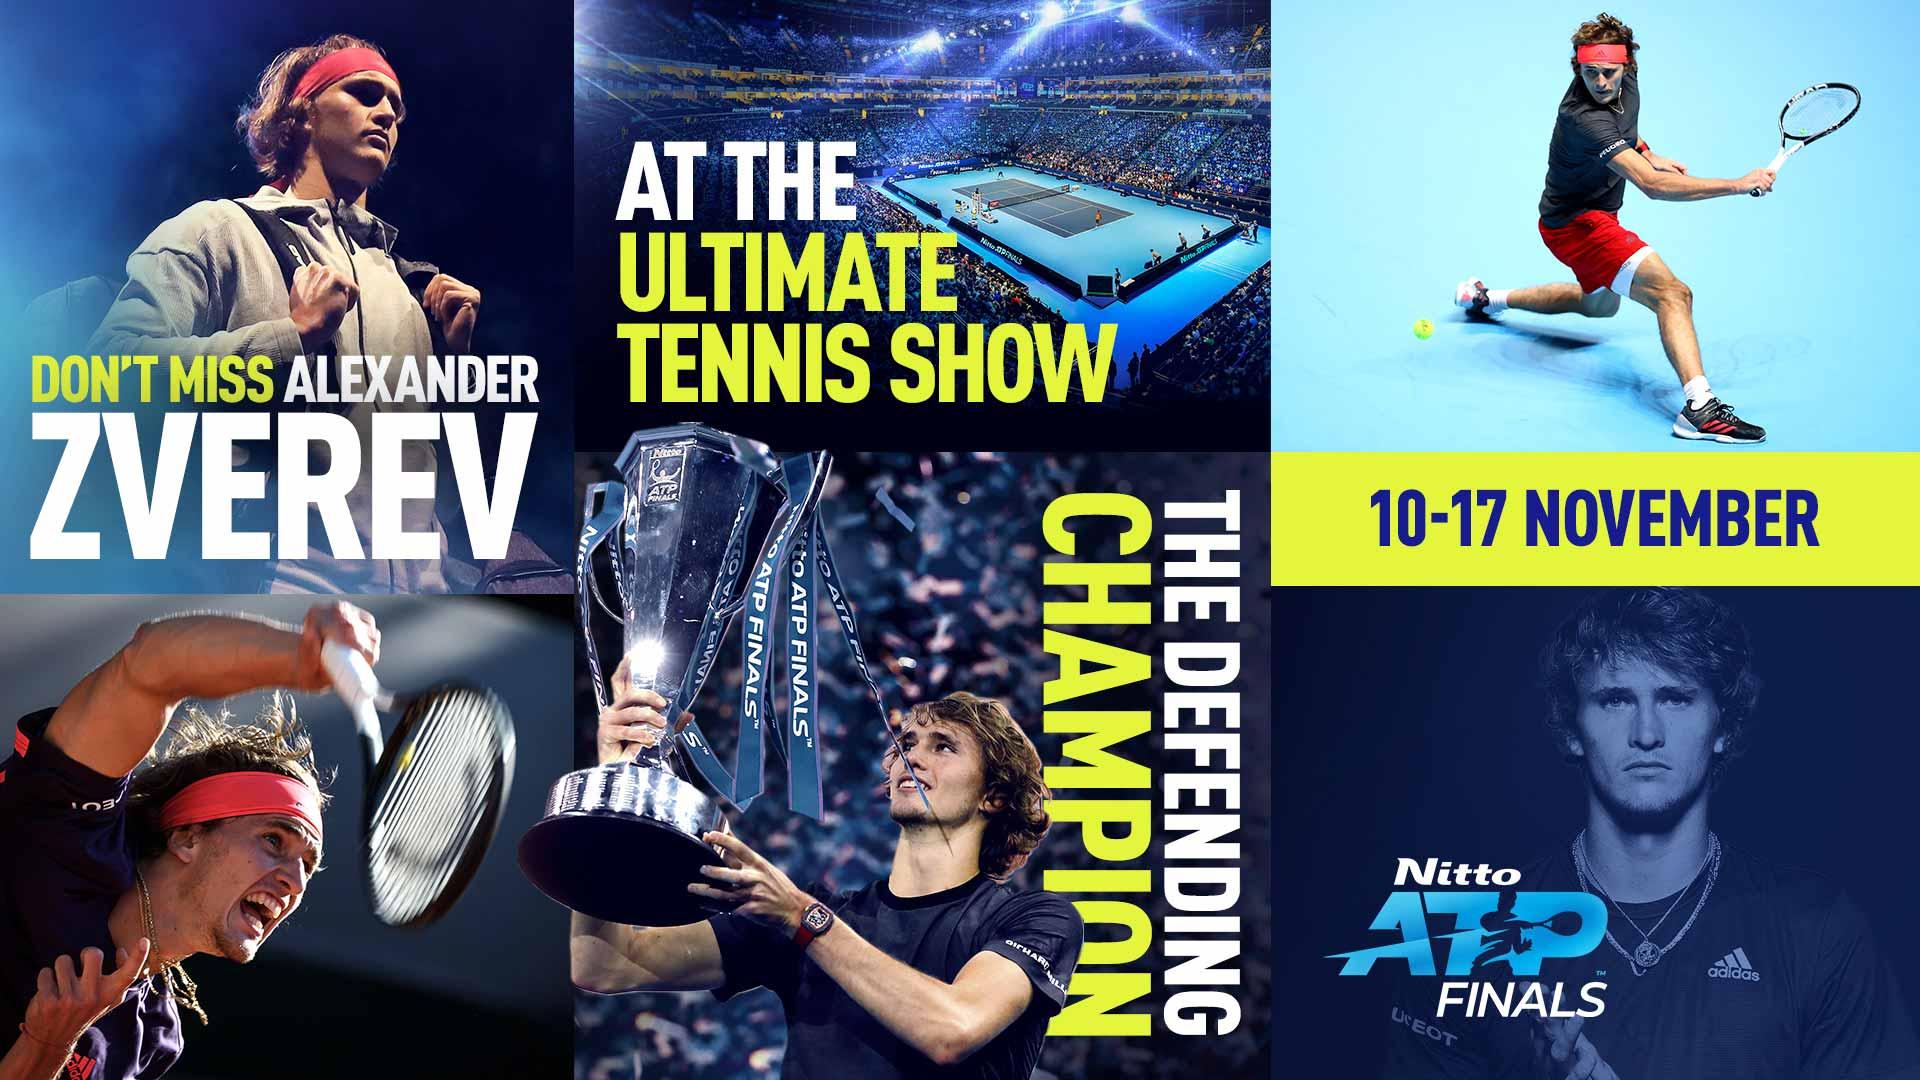 Александр Зверев – седьмой участник Итогового турнира ATP